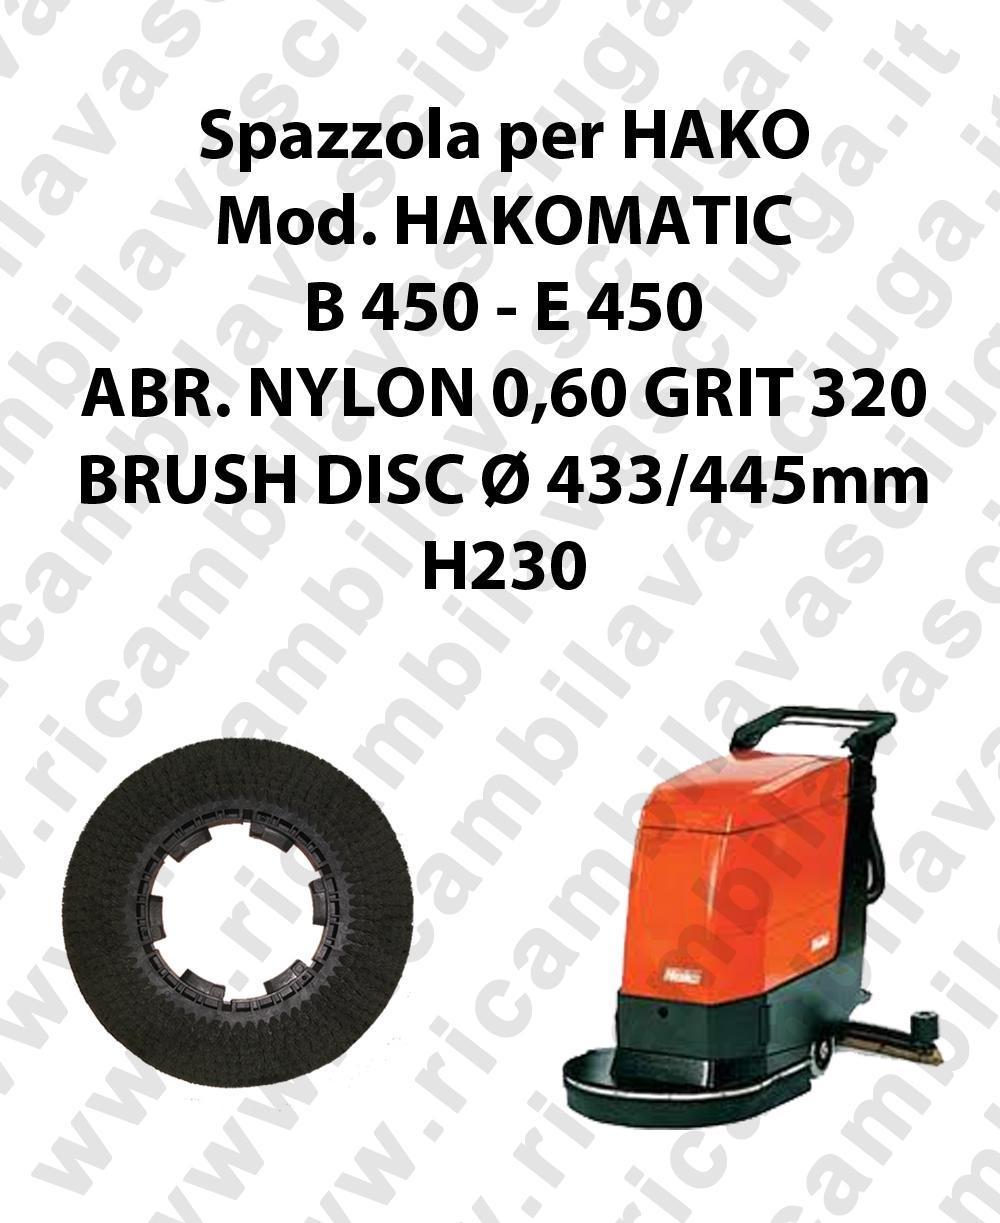 Cleaning Brush for scrubber dryer HAKO Model HAKOMATIC B 450 - E 450